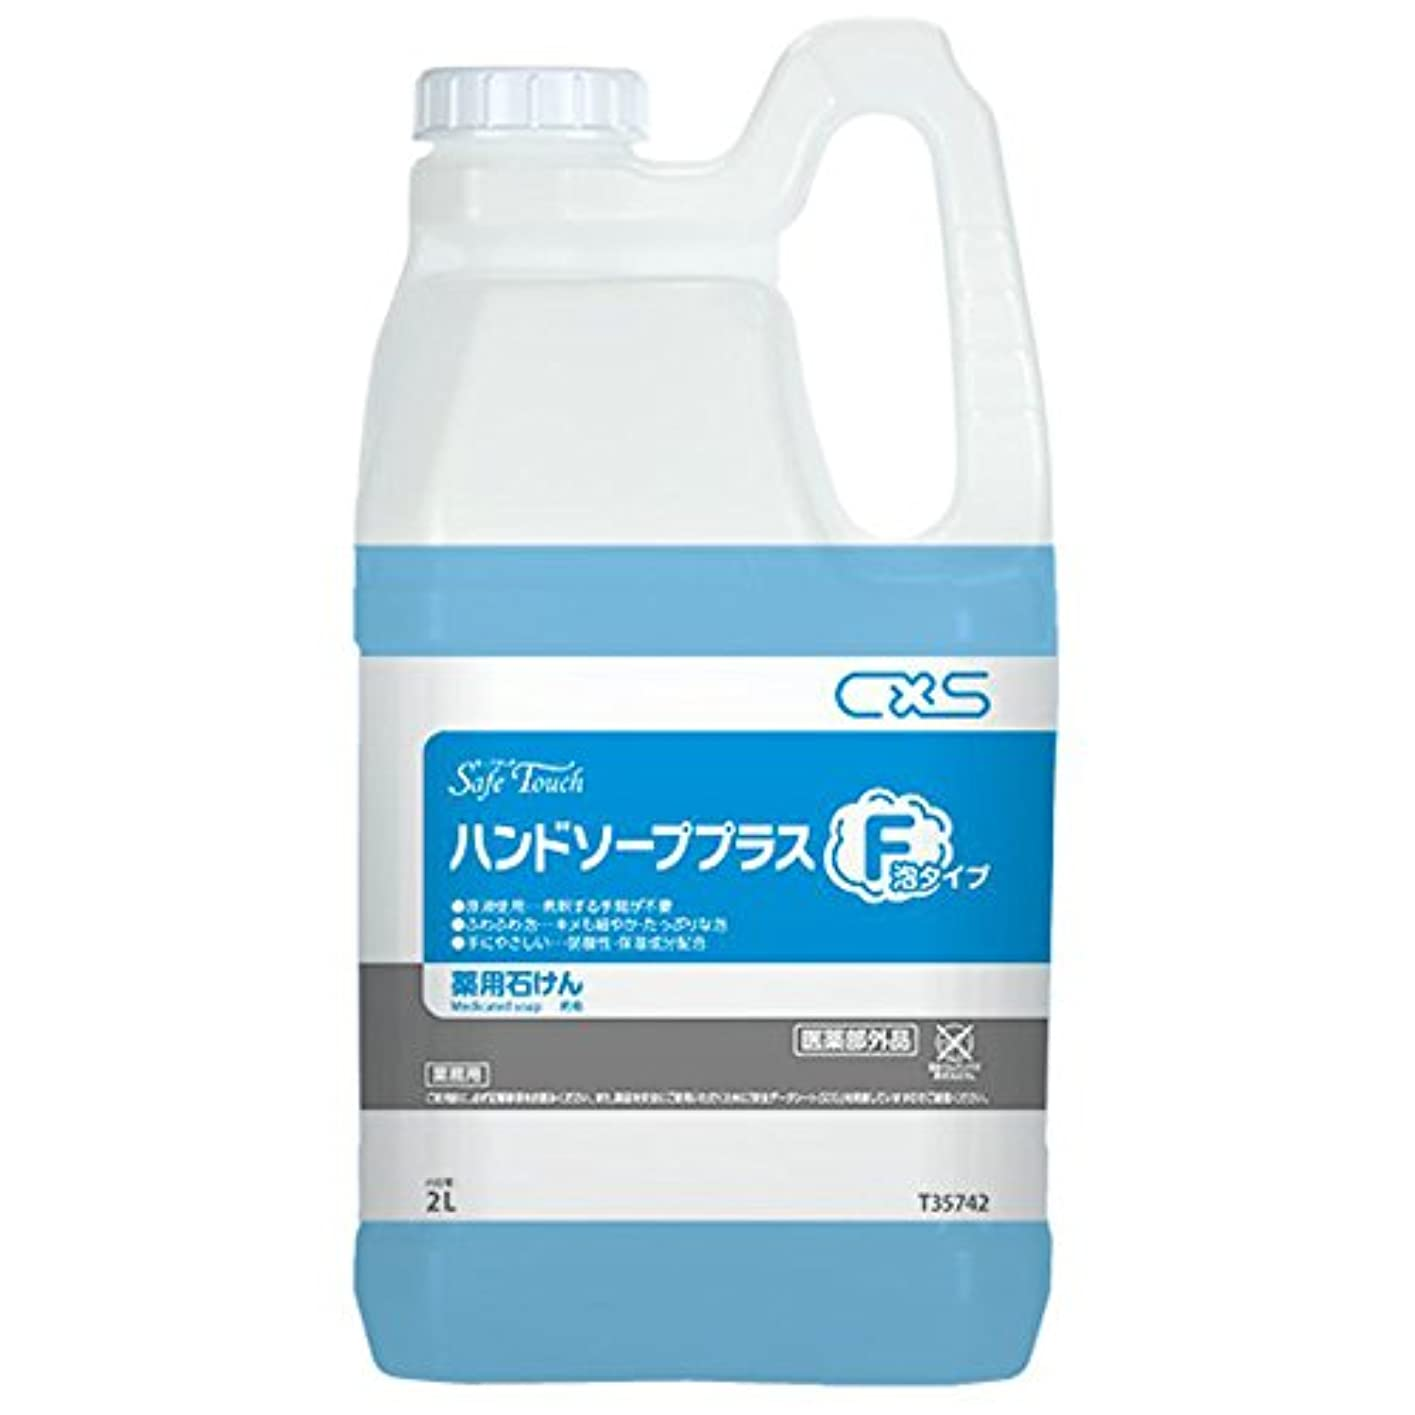 登るストッキングあいまいさシーバイエス(C×S) 殺菌?消毒用手洗い石けん セーフタッチハンドソーププラスF 2L